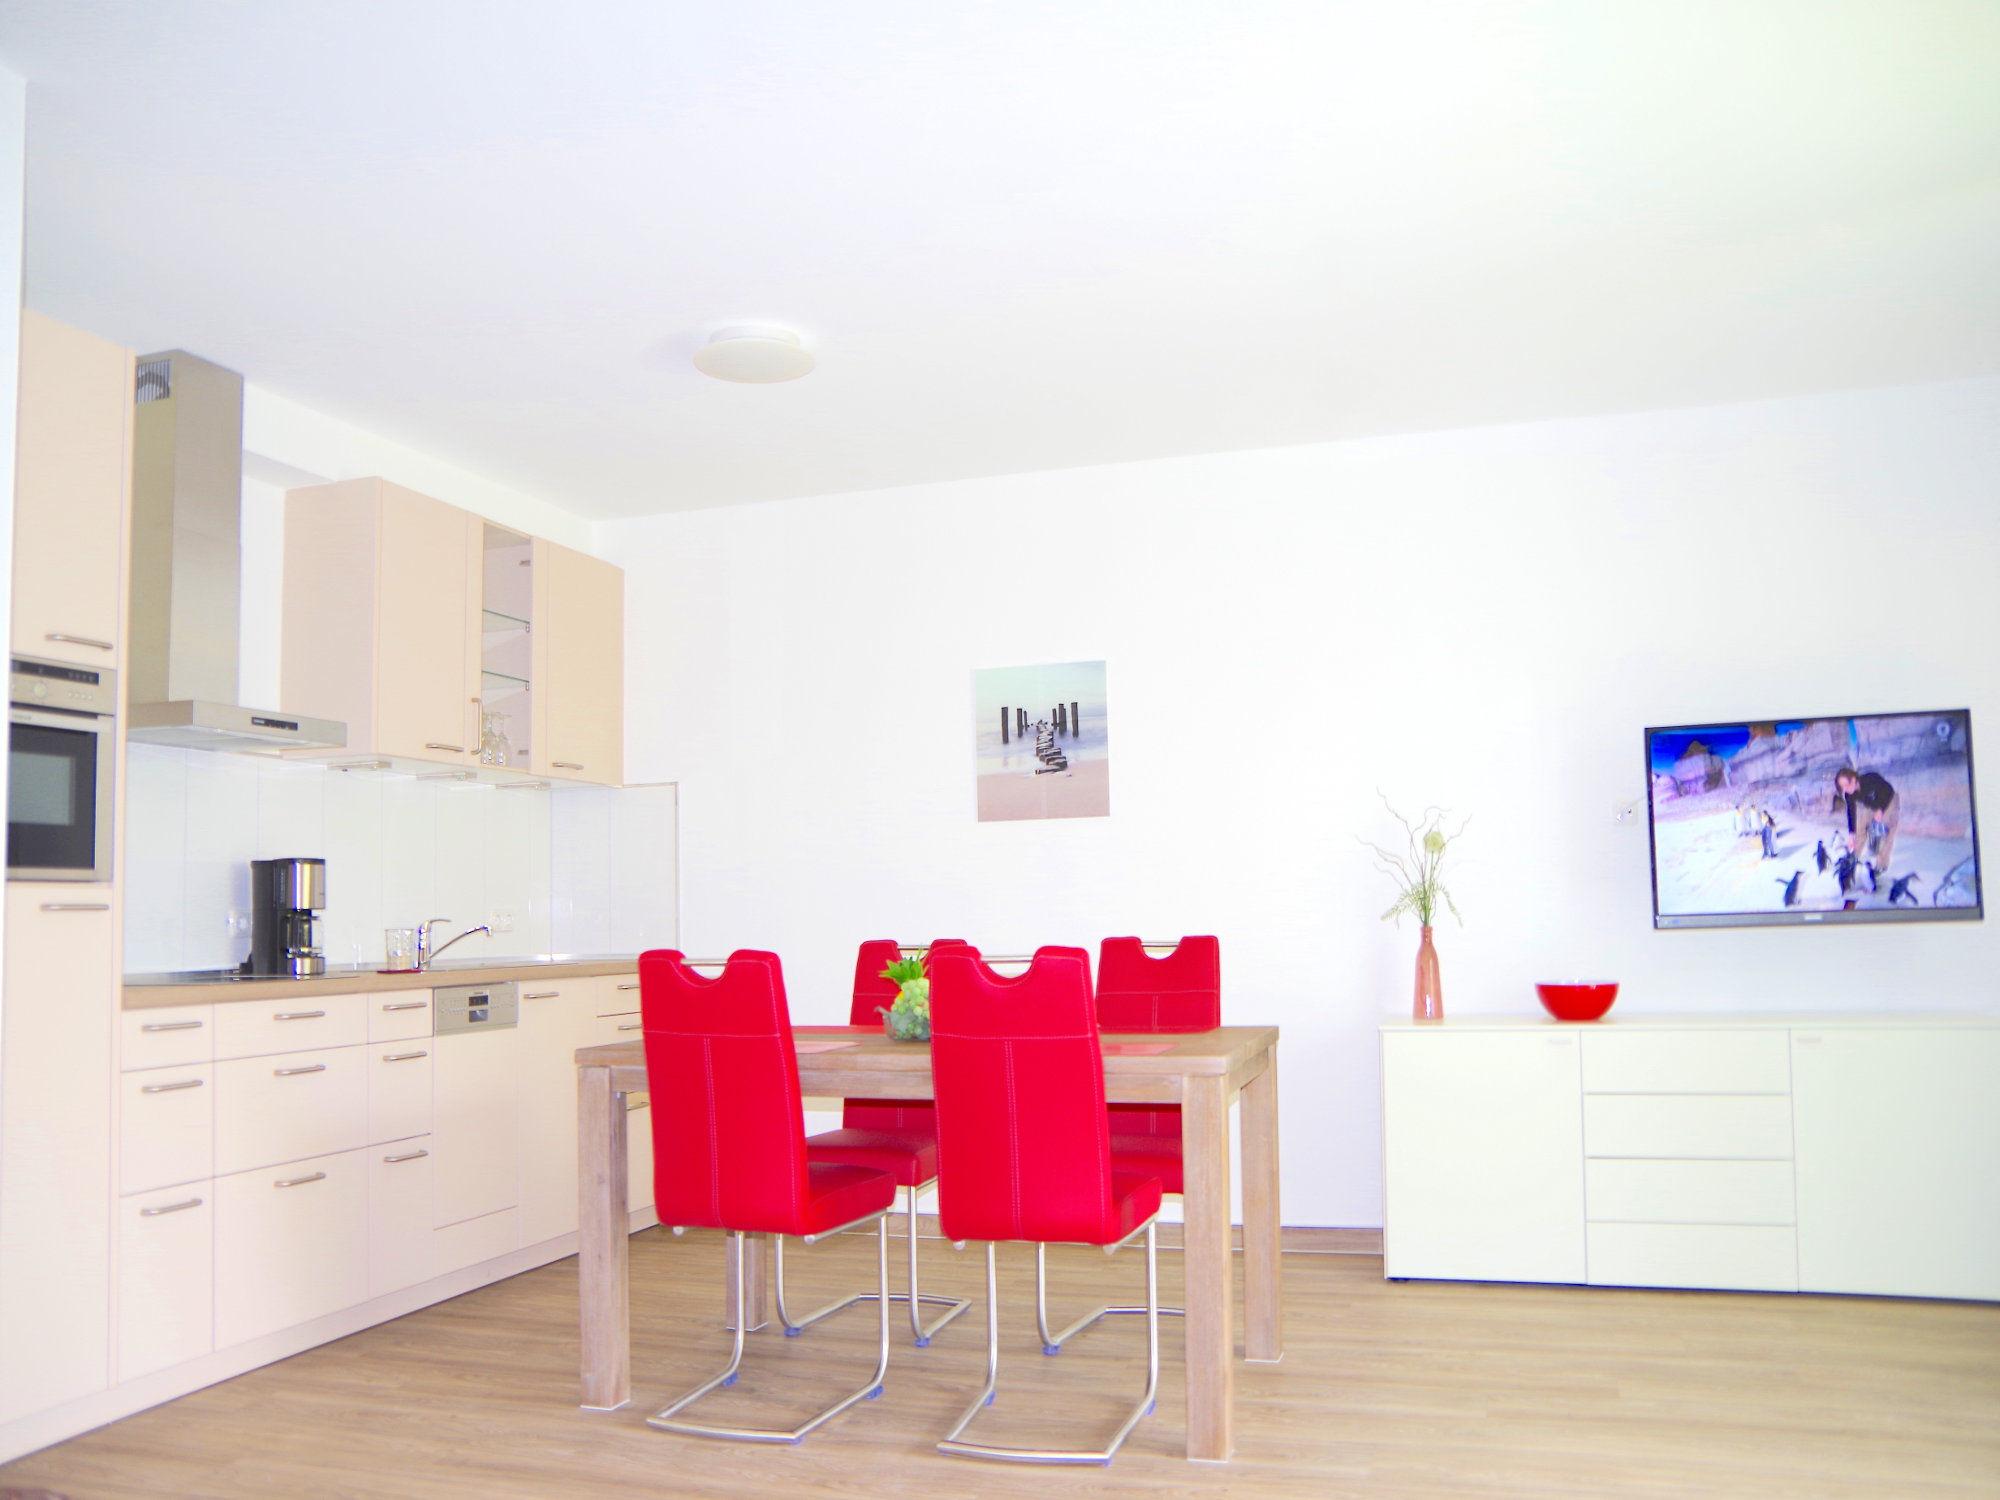 Esstisch mit Stühlen, links dahinter eine moderne Küchenzeile, rechts von dem Esstisch ein Sideboard